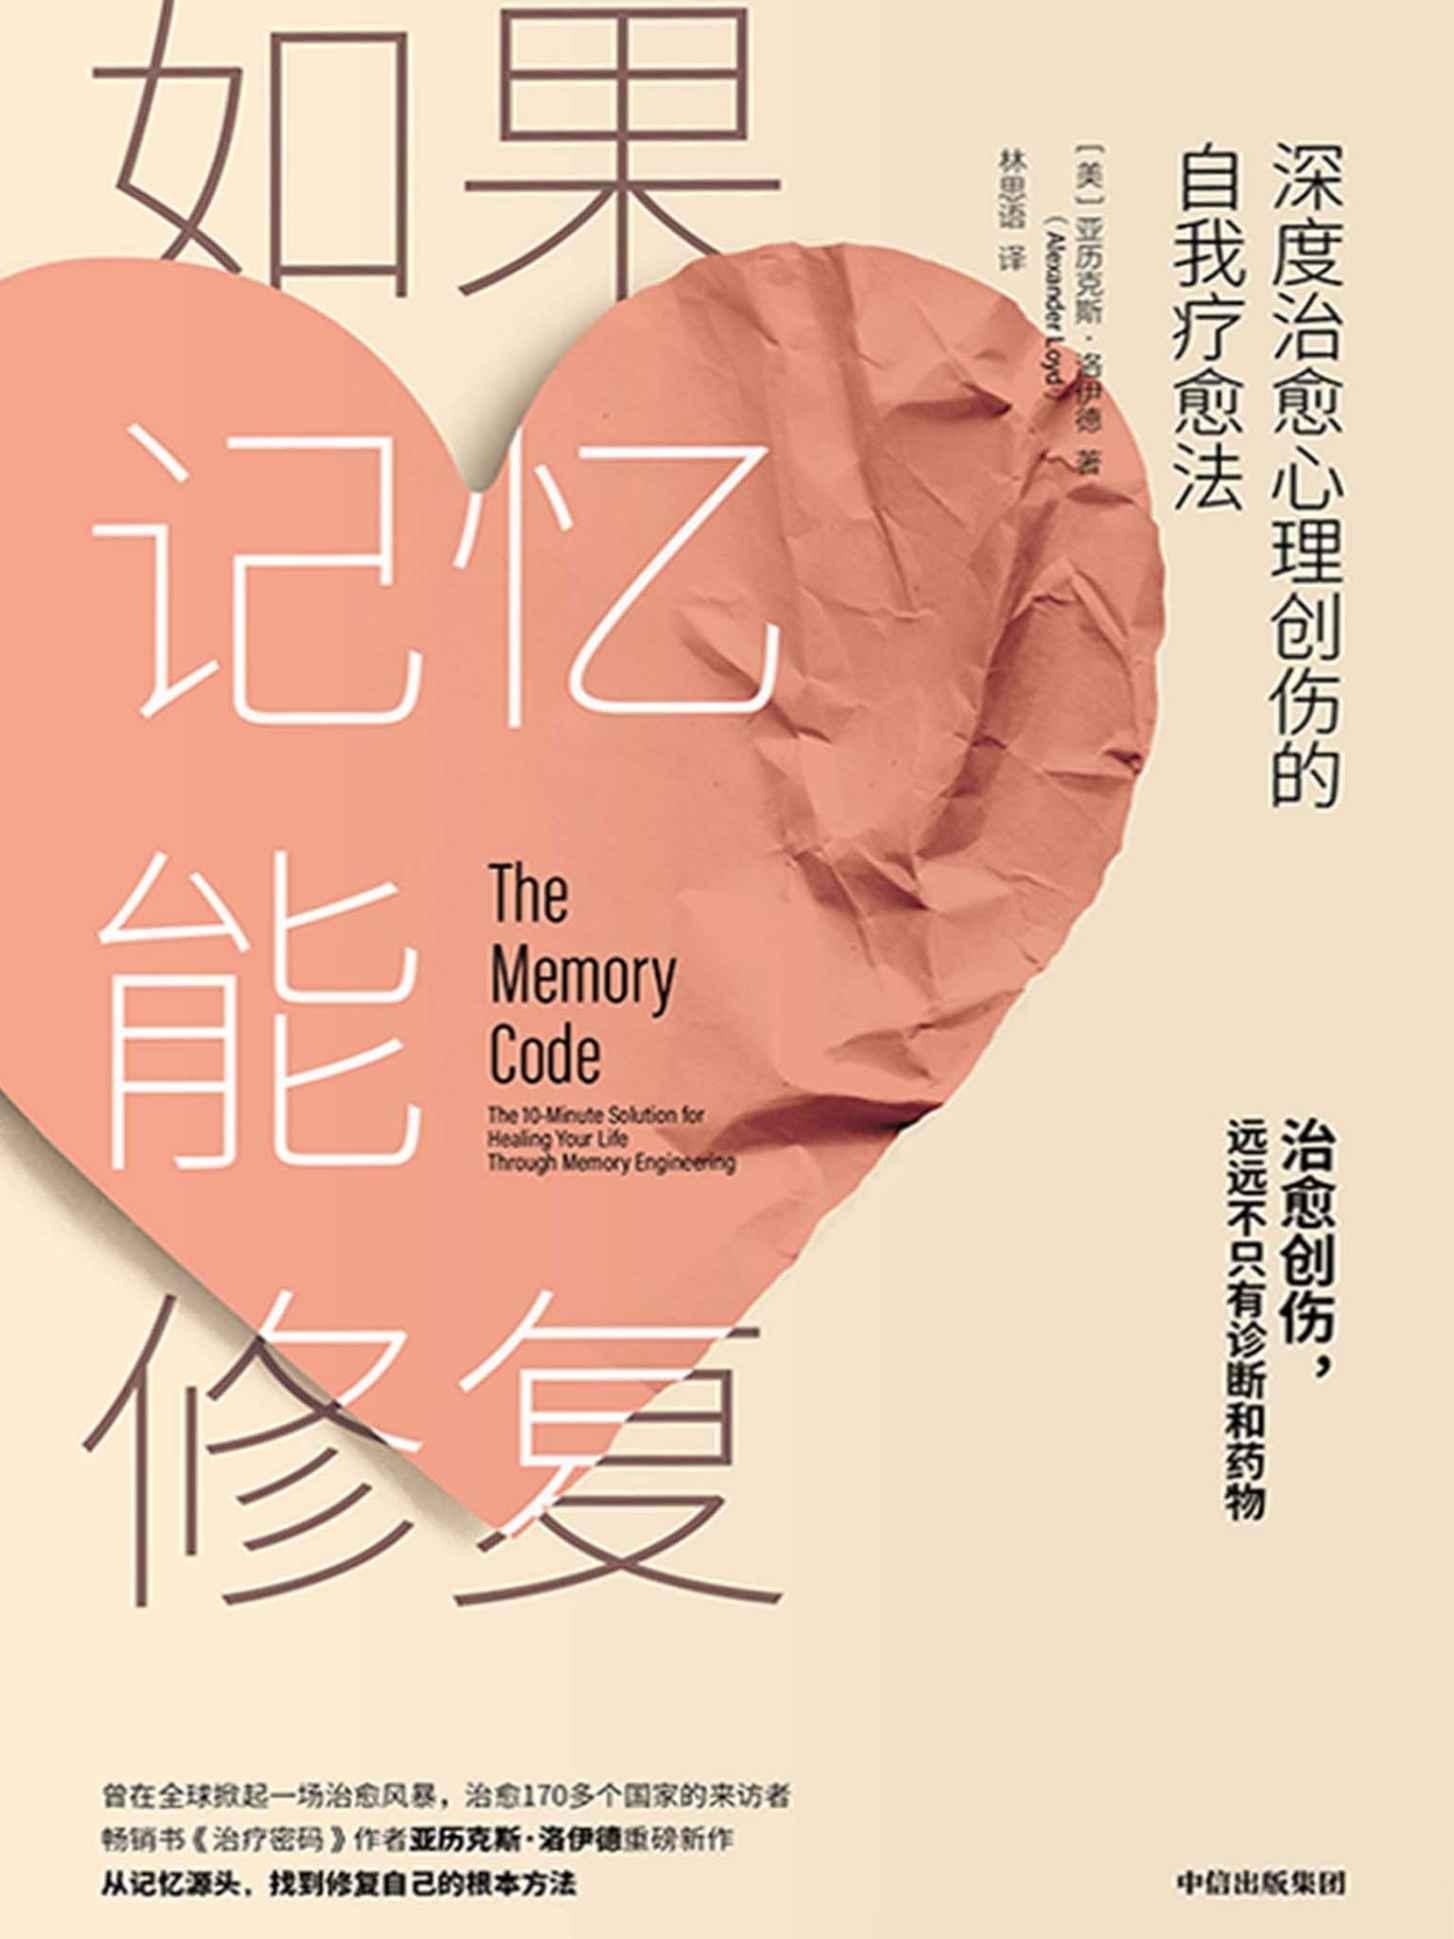 如果记忆能修复 : 深度治愈心理创伤的自我疗愈法 [美] 亚历克斯·洛伊德